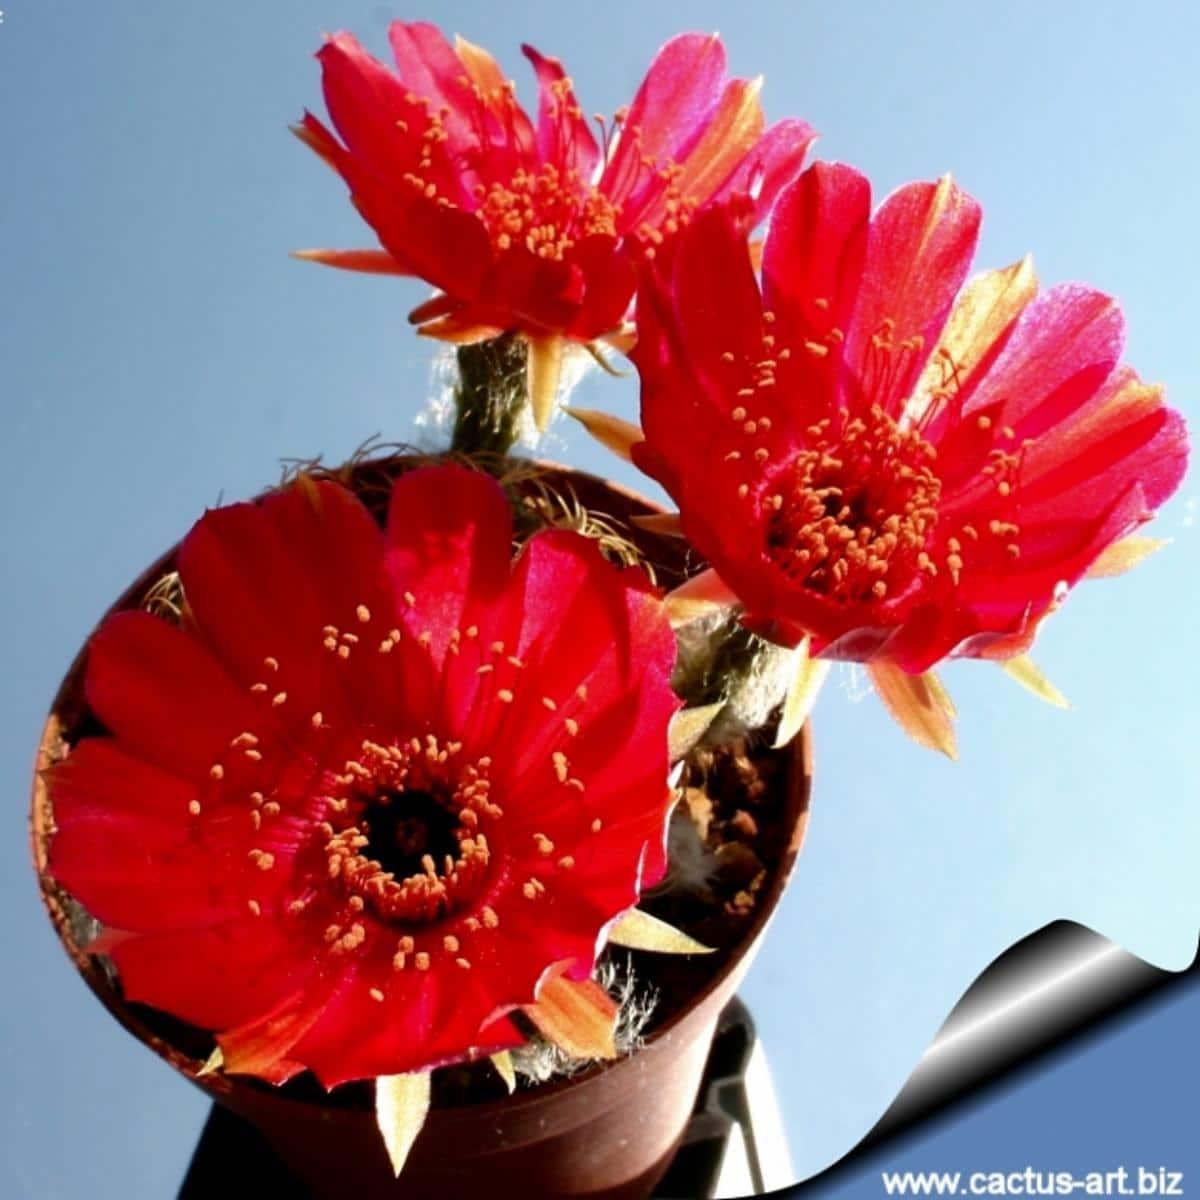 Vista de la Lobivia cinnabarina en flor